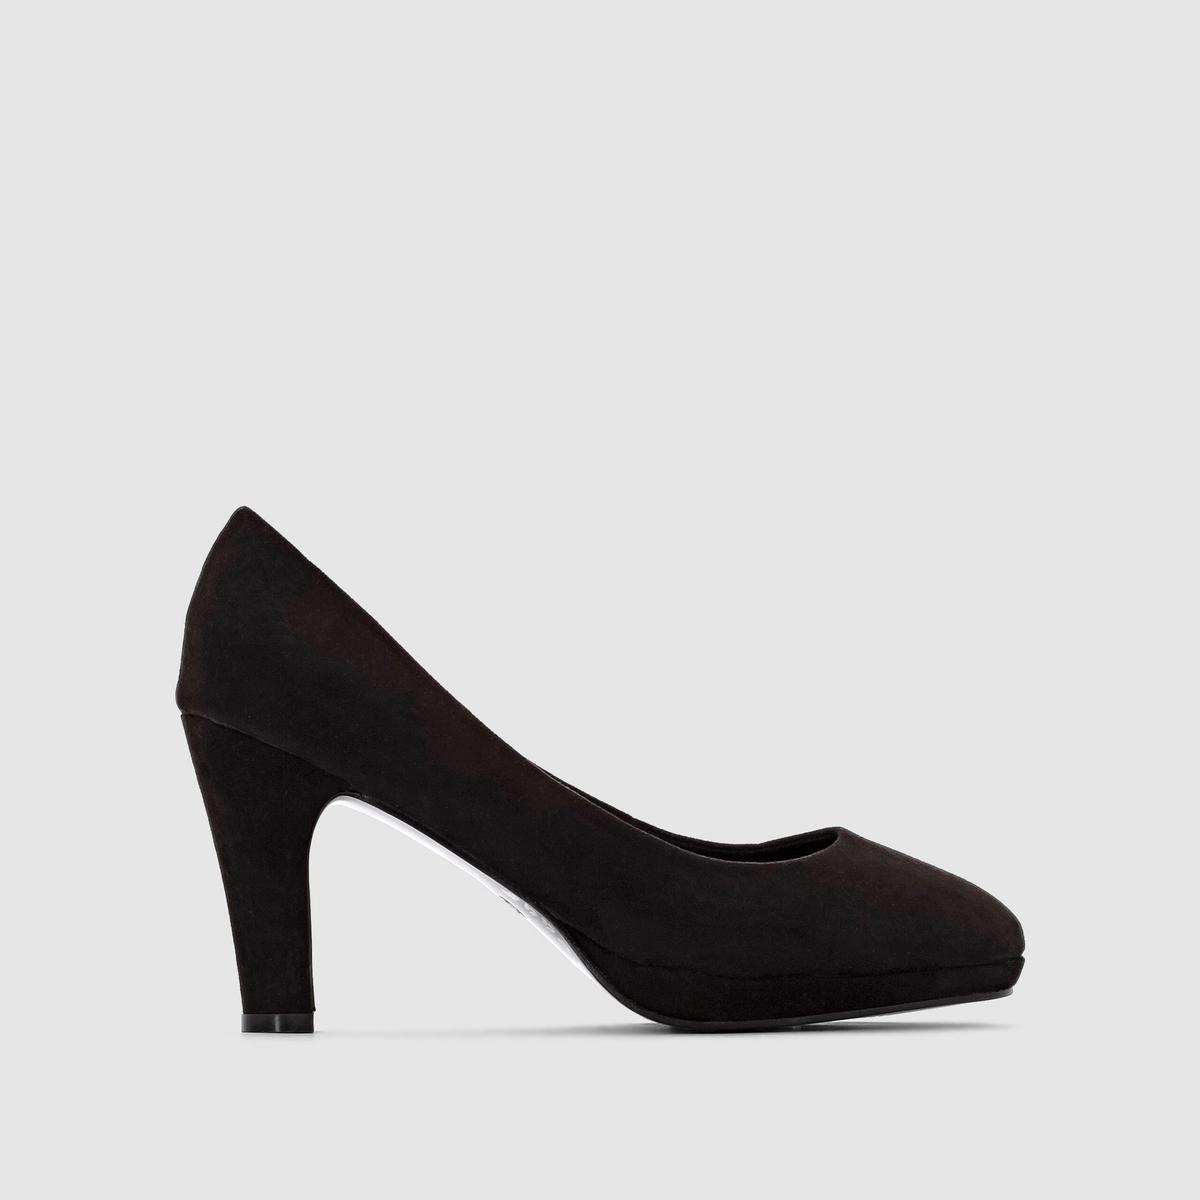 Фото - Туфли на платформе для широкой стопы 38-45 обувь на высокой платформе dkny